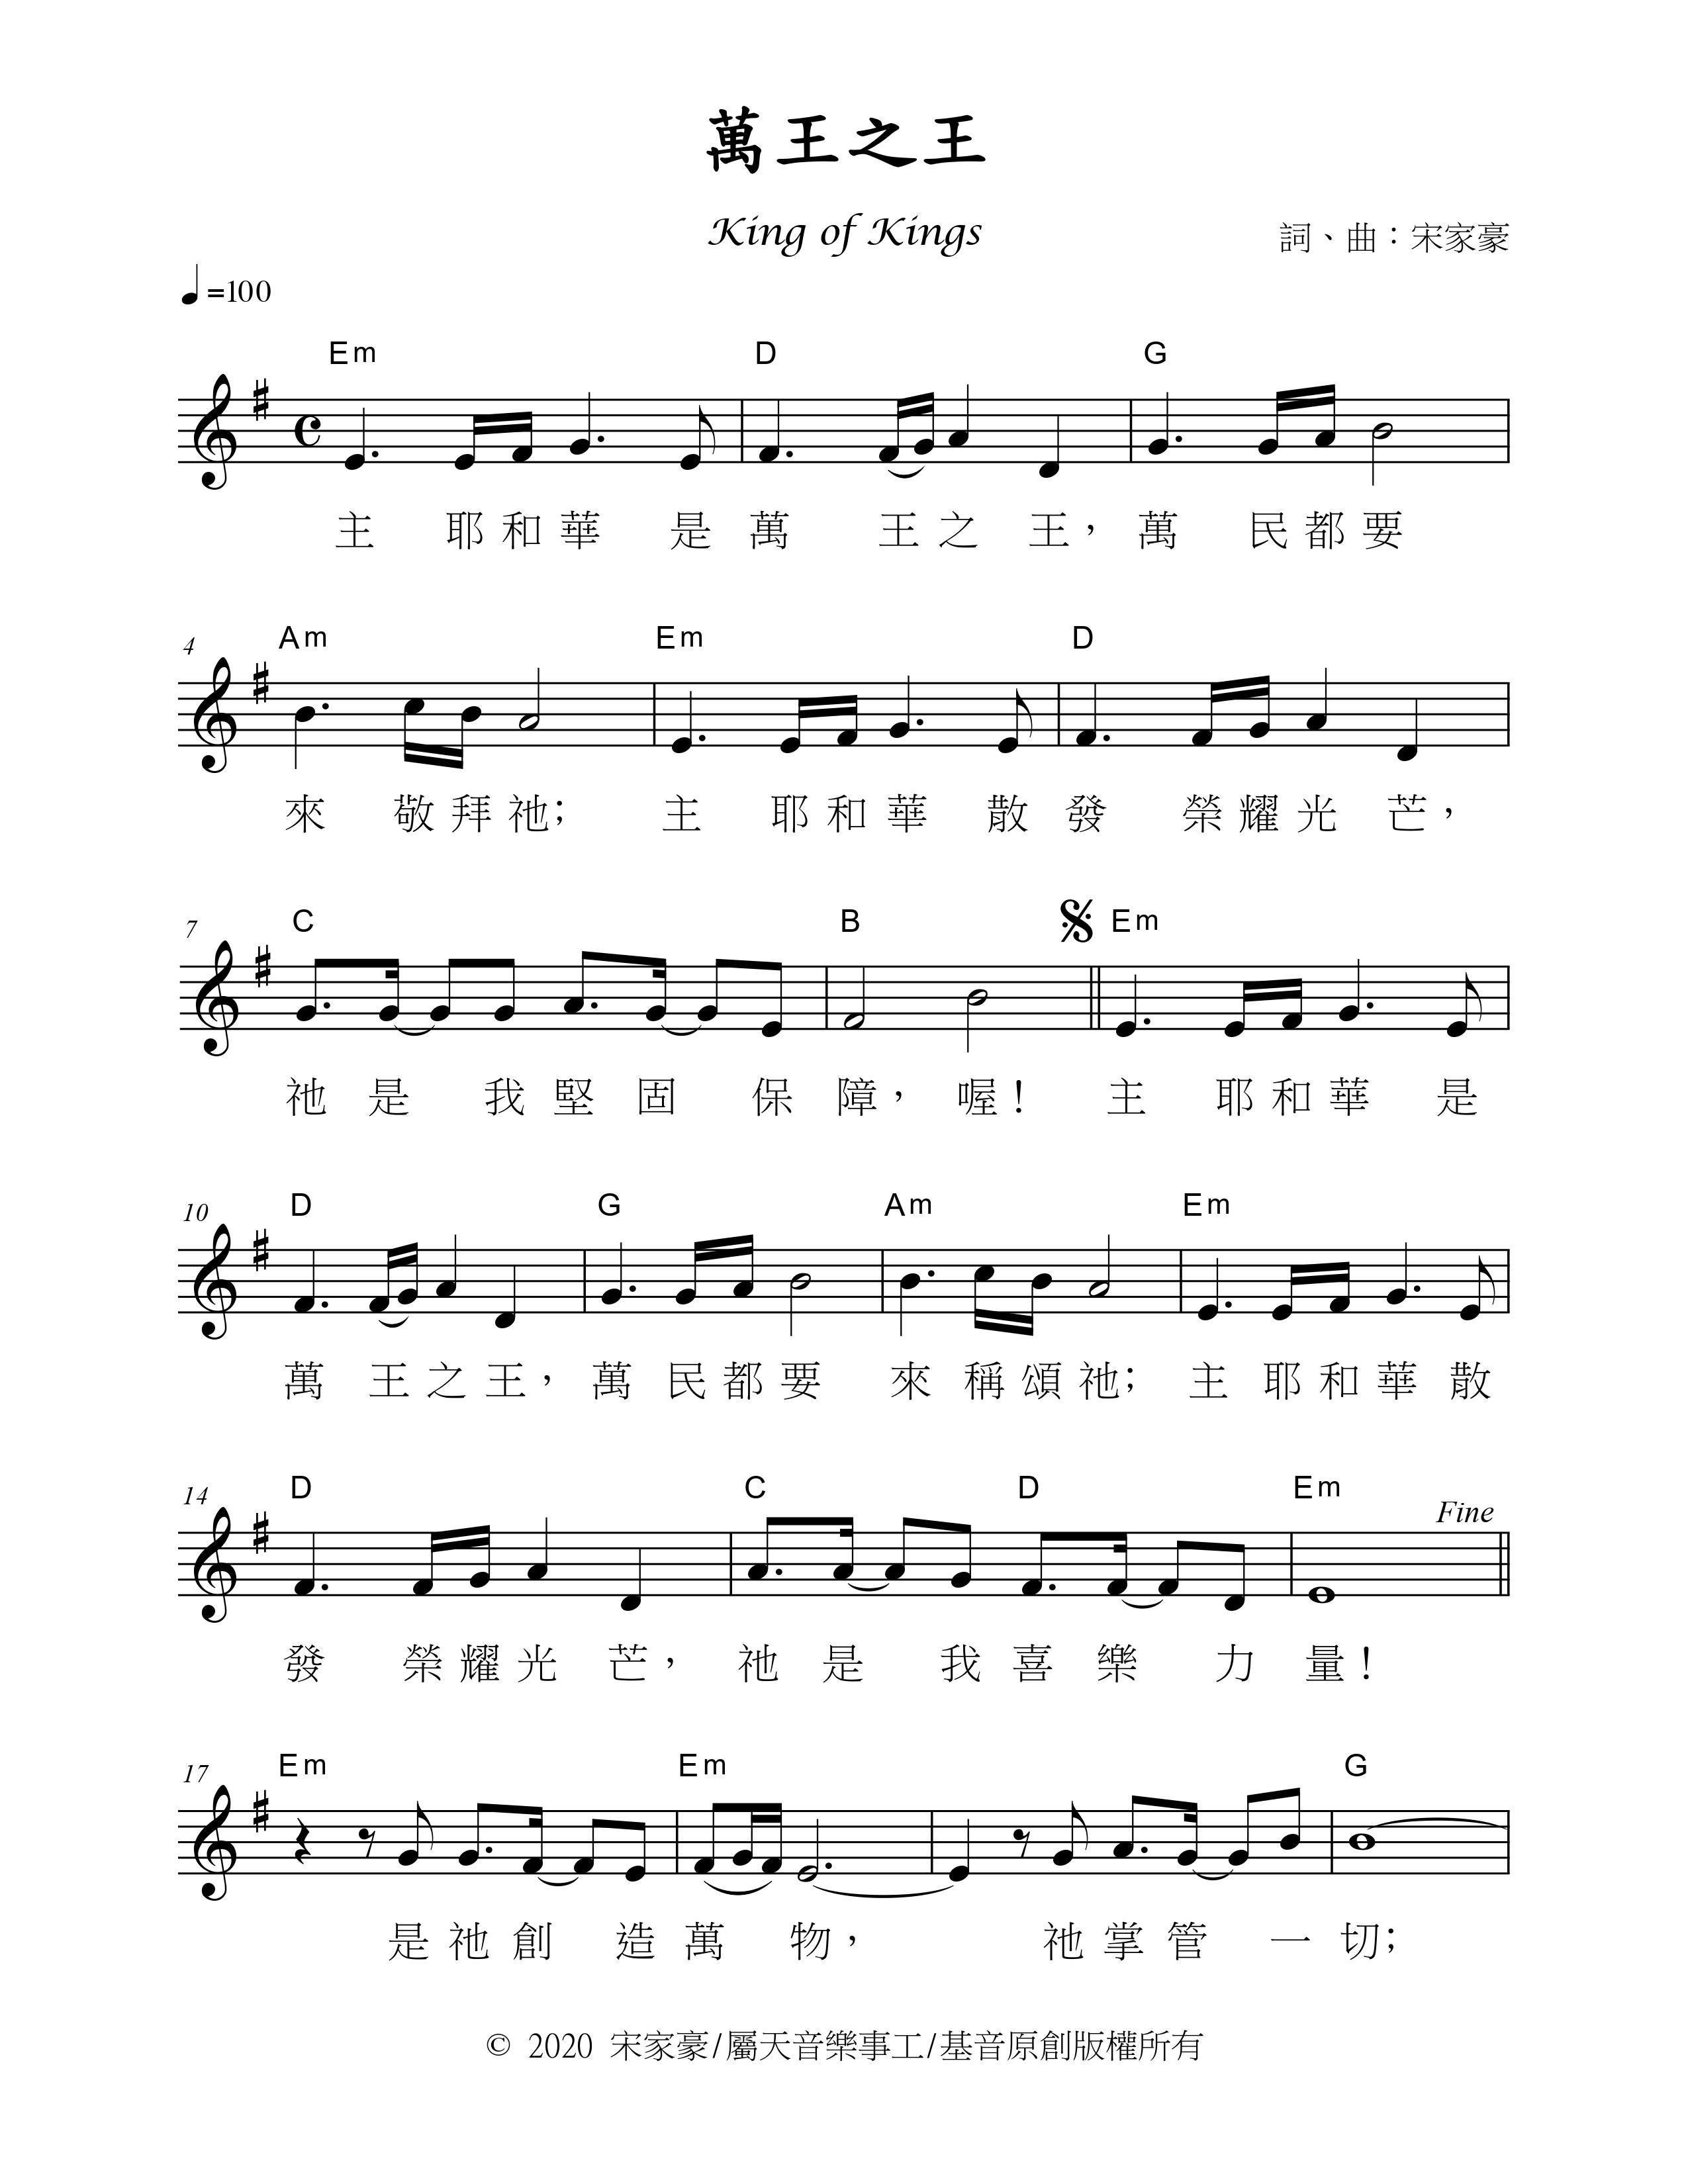 《万王之王 官方和弦五线谱》